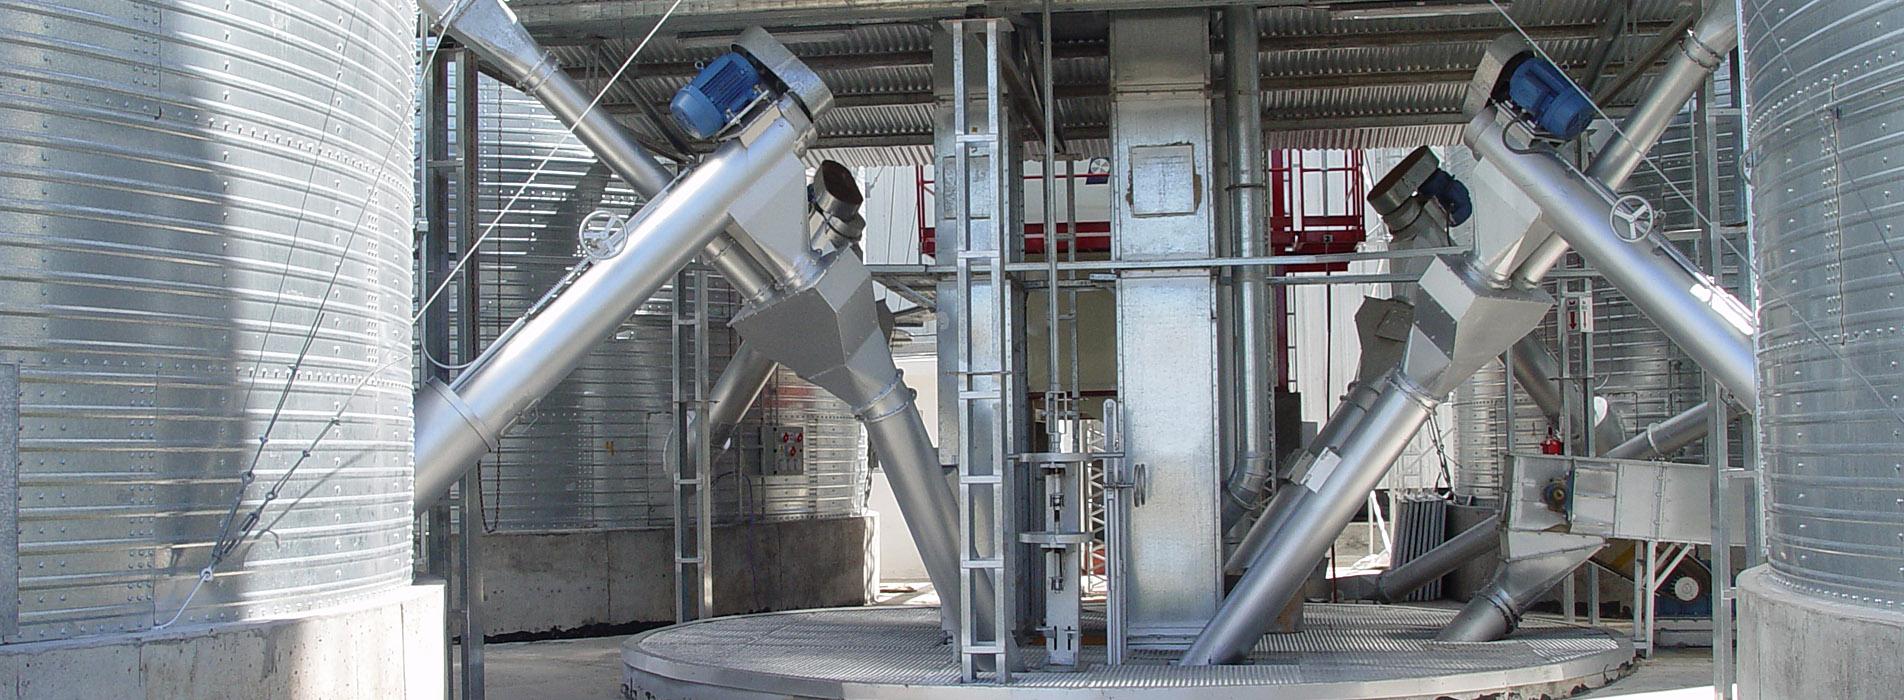 roscas extractoras para silos imagenes